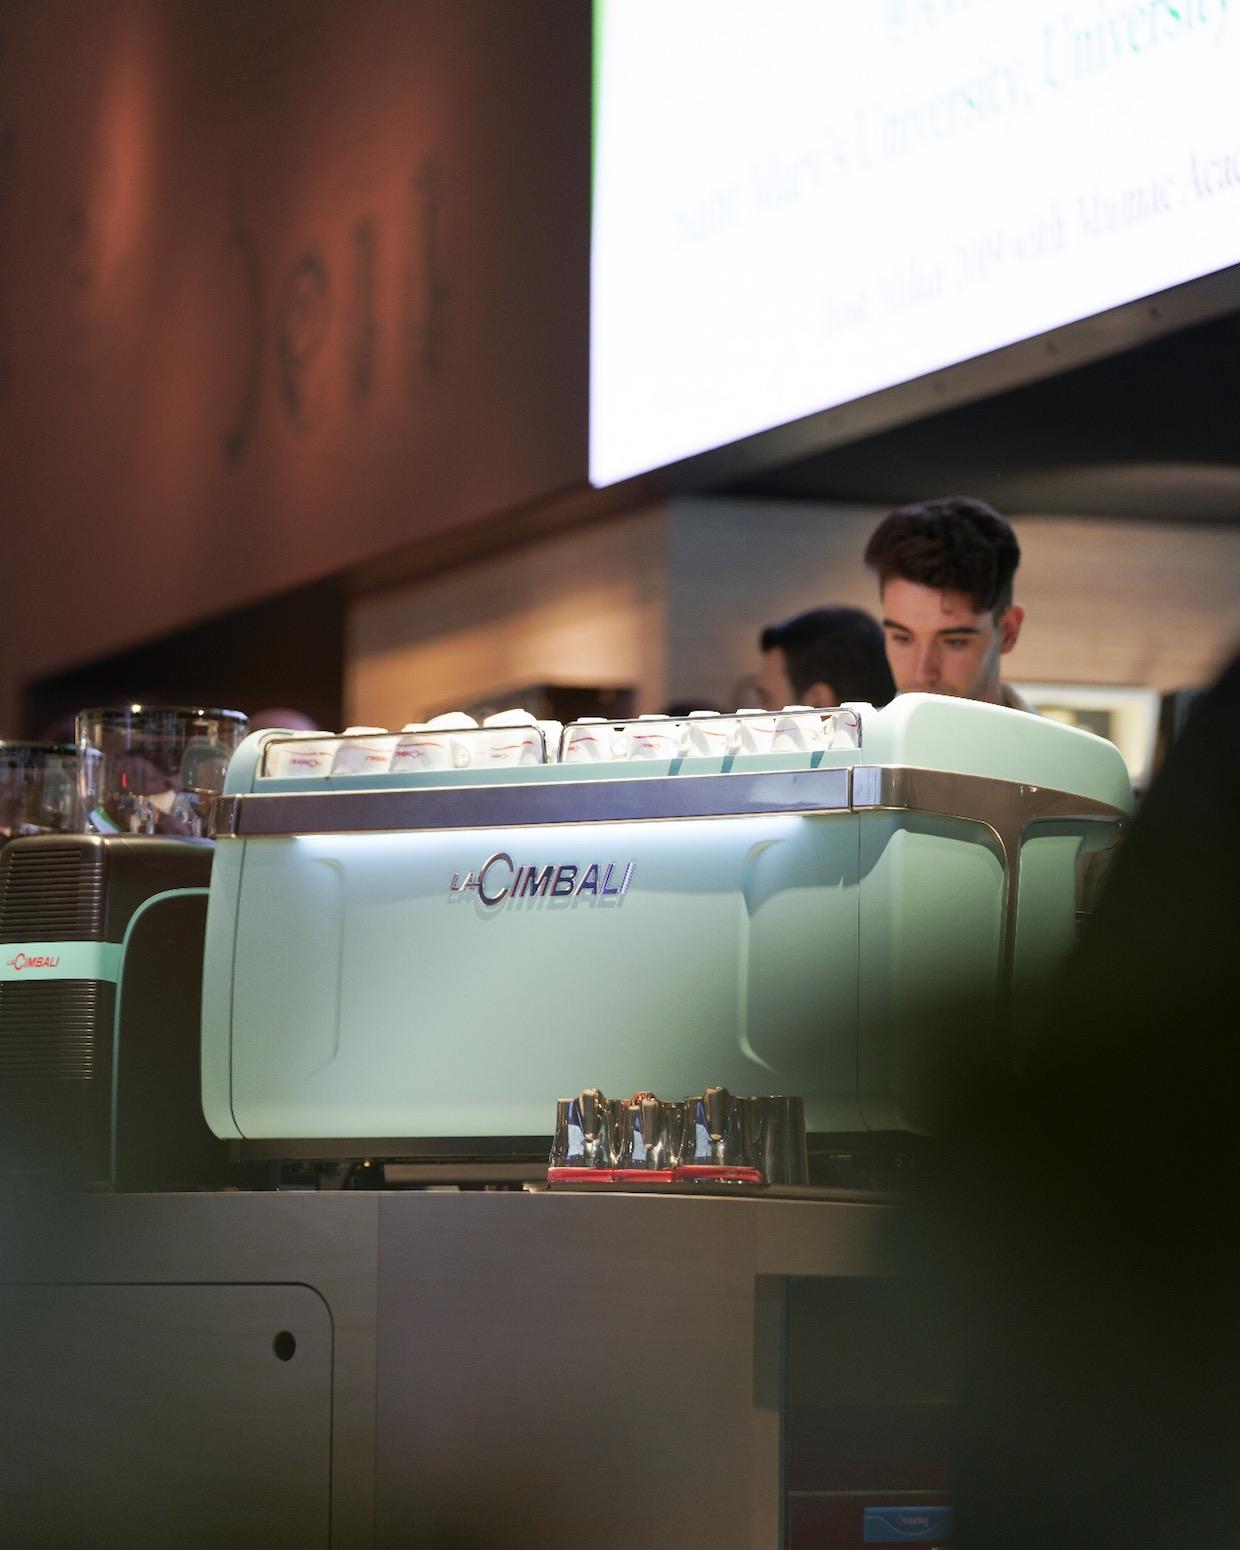 La Cimbali espresso